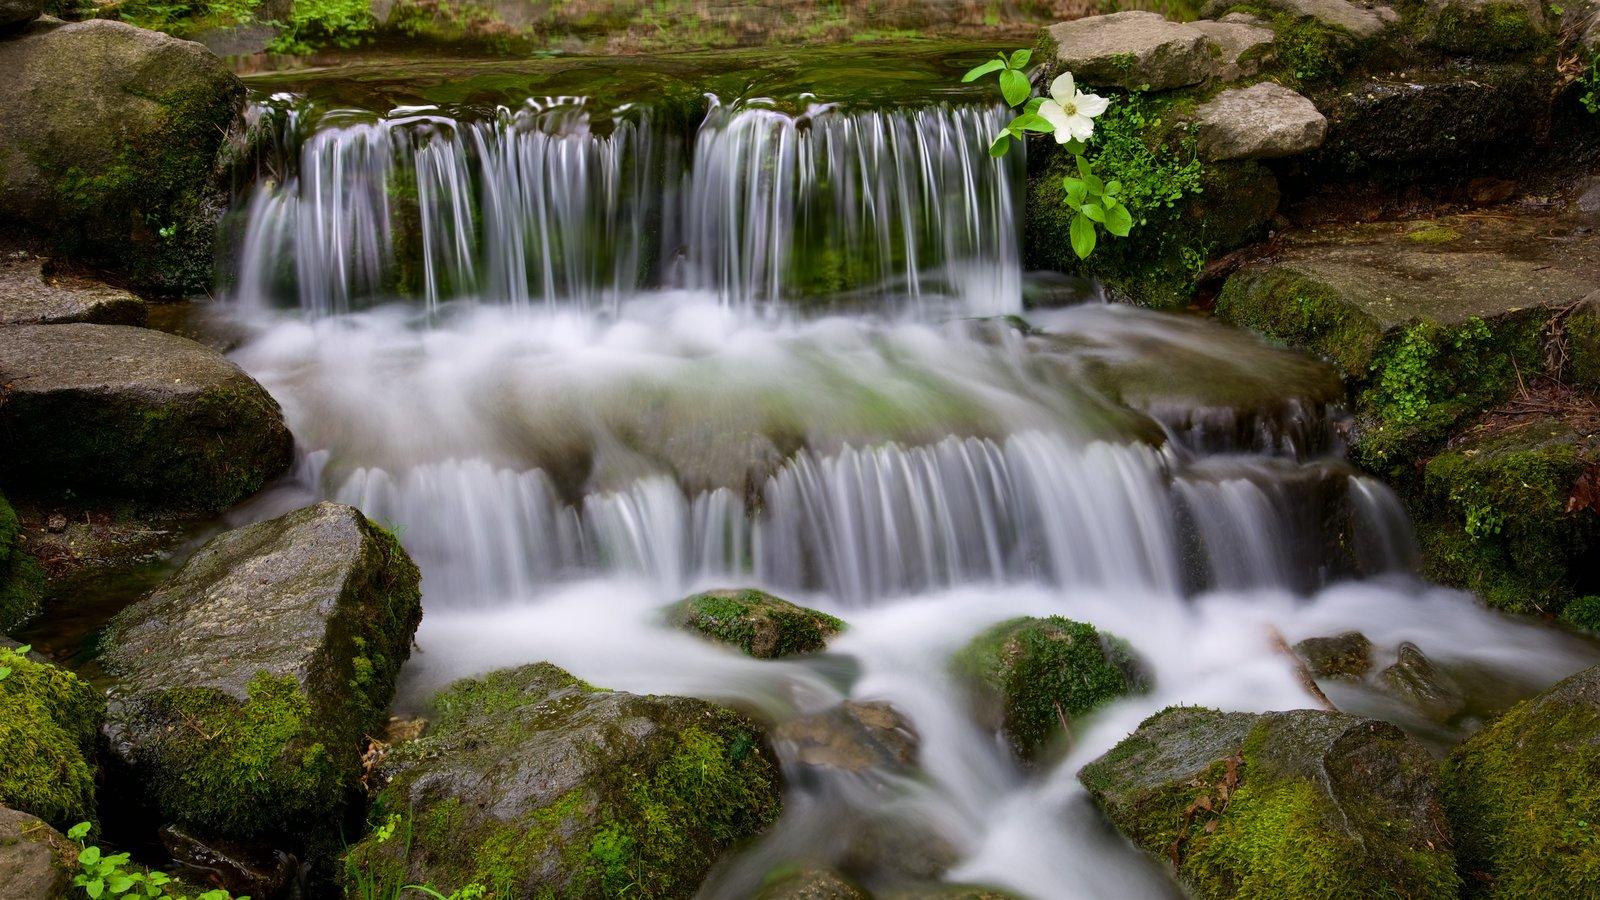 Parque Nacional Yosemite que incluye un río o arroyo